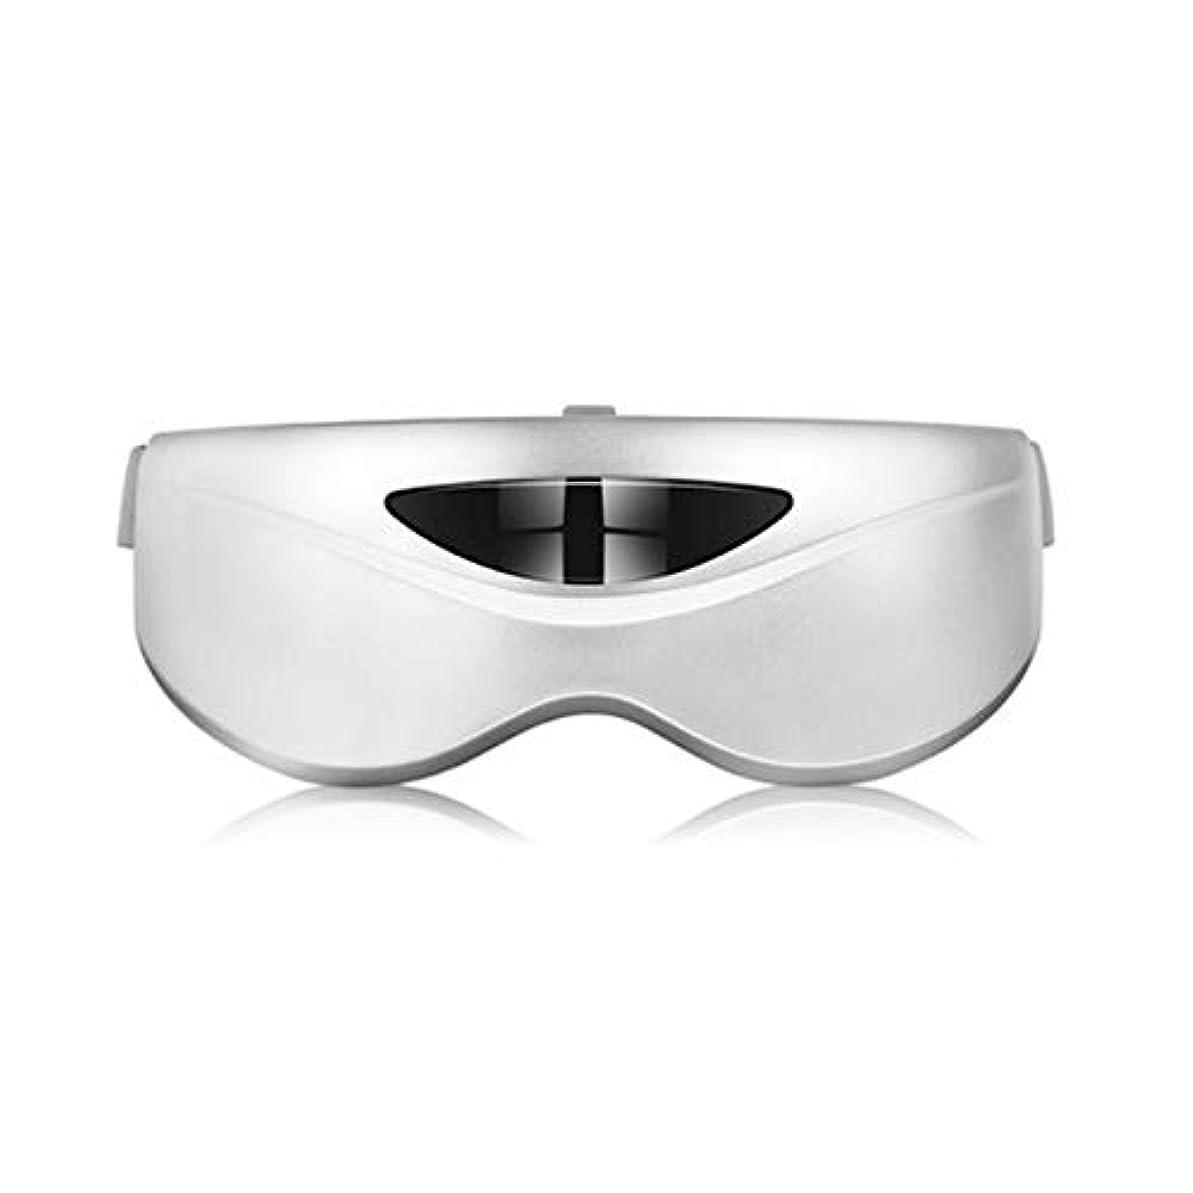 だらしない結婚するジムマッサージ器 - 熱を緩和するアイケア機器アイマスク疲労マッサージ器 (色 : シルバー しるば゜)